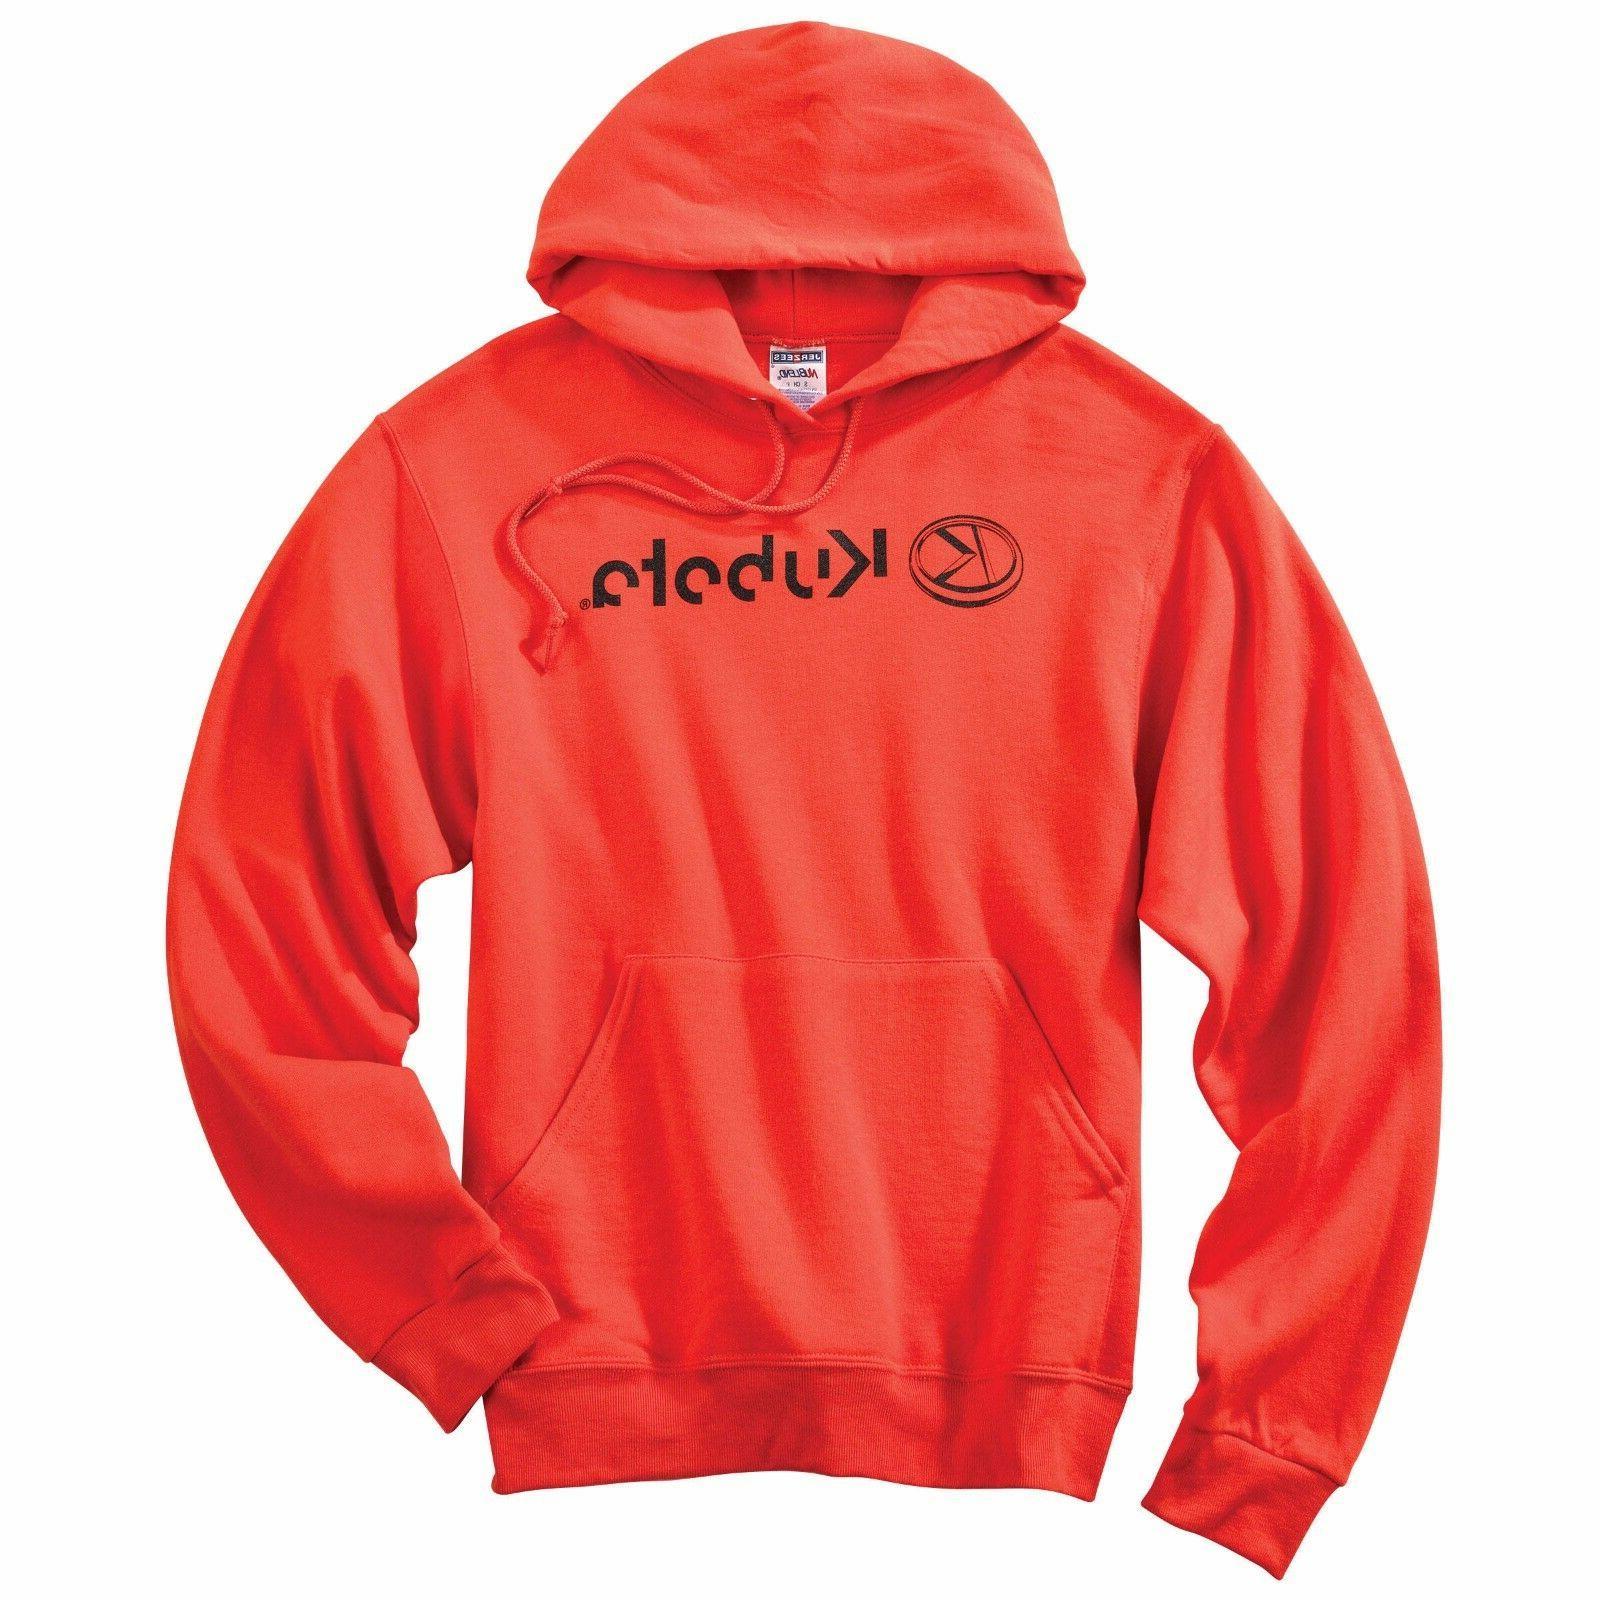 KUBOTA EQUIPMENT *ORANGE* Trademark Logo HOODIE SWEATSHIRT *